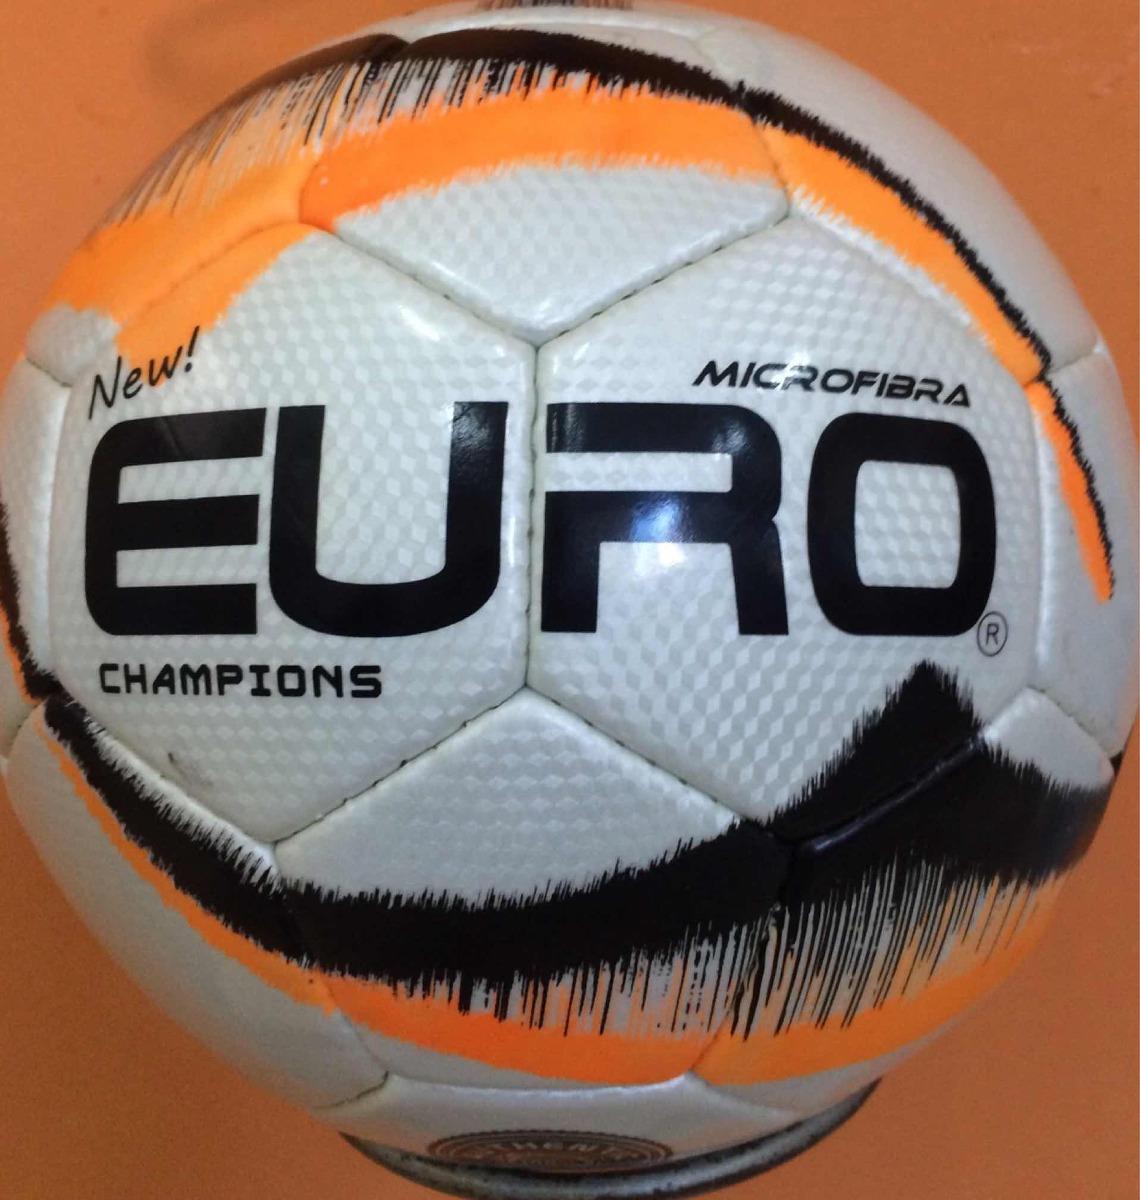 0f8bbe5e99 bola euro campo champions cód 31 costurada à mão microfibra. Carregando  zoom.